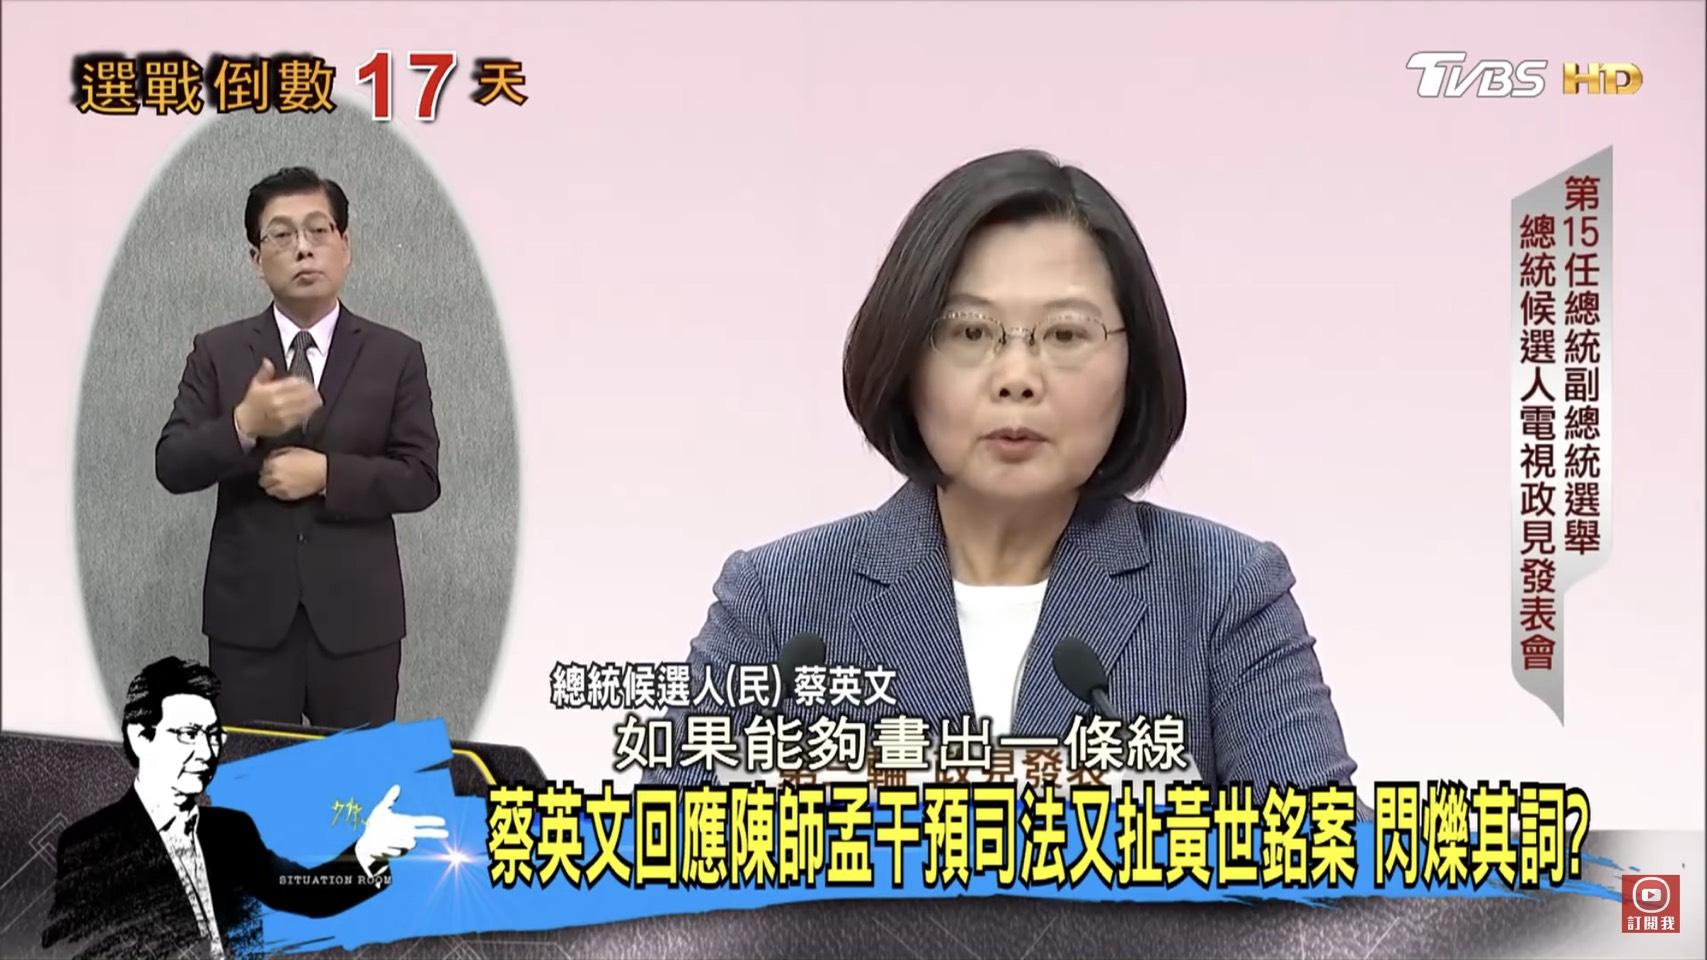 【陳述恩觀點】蔡英文真的是法律人?